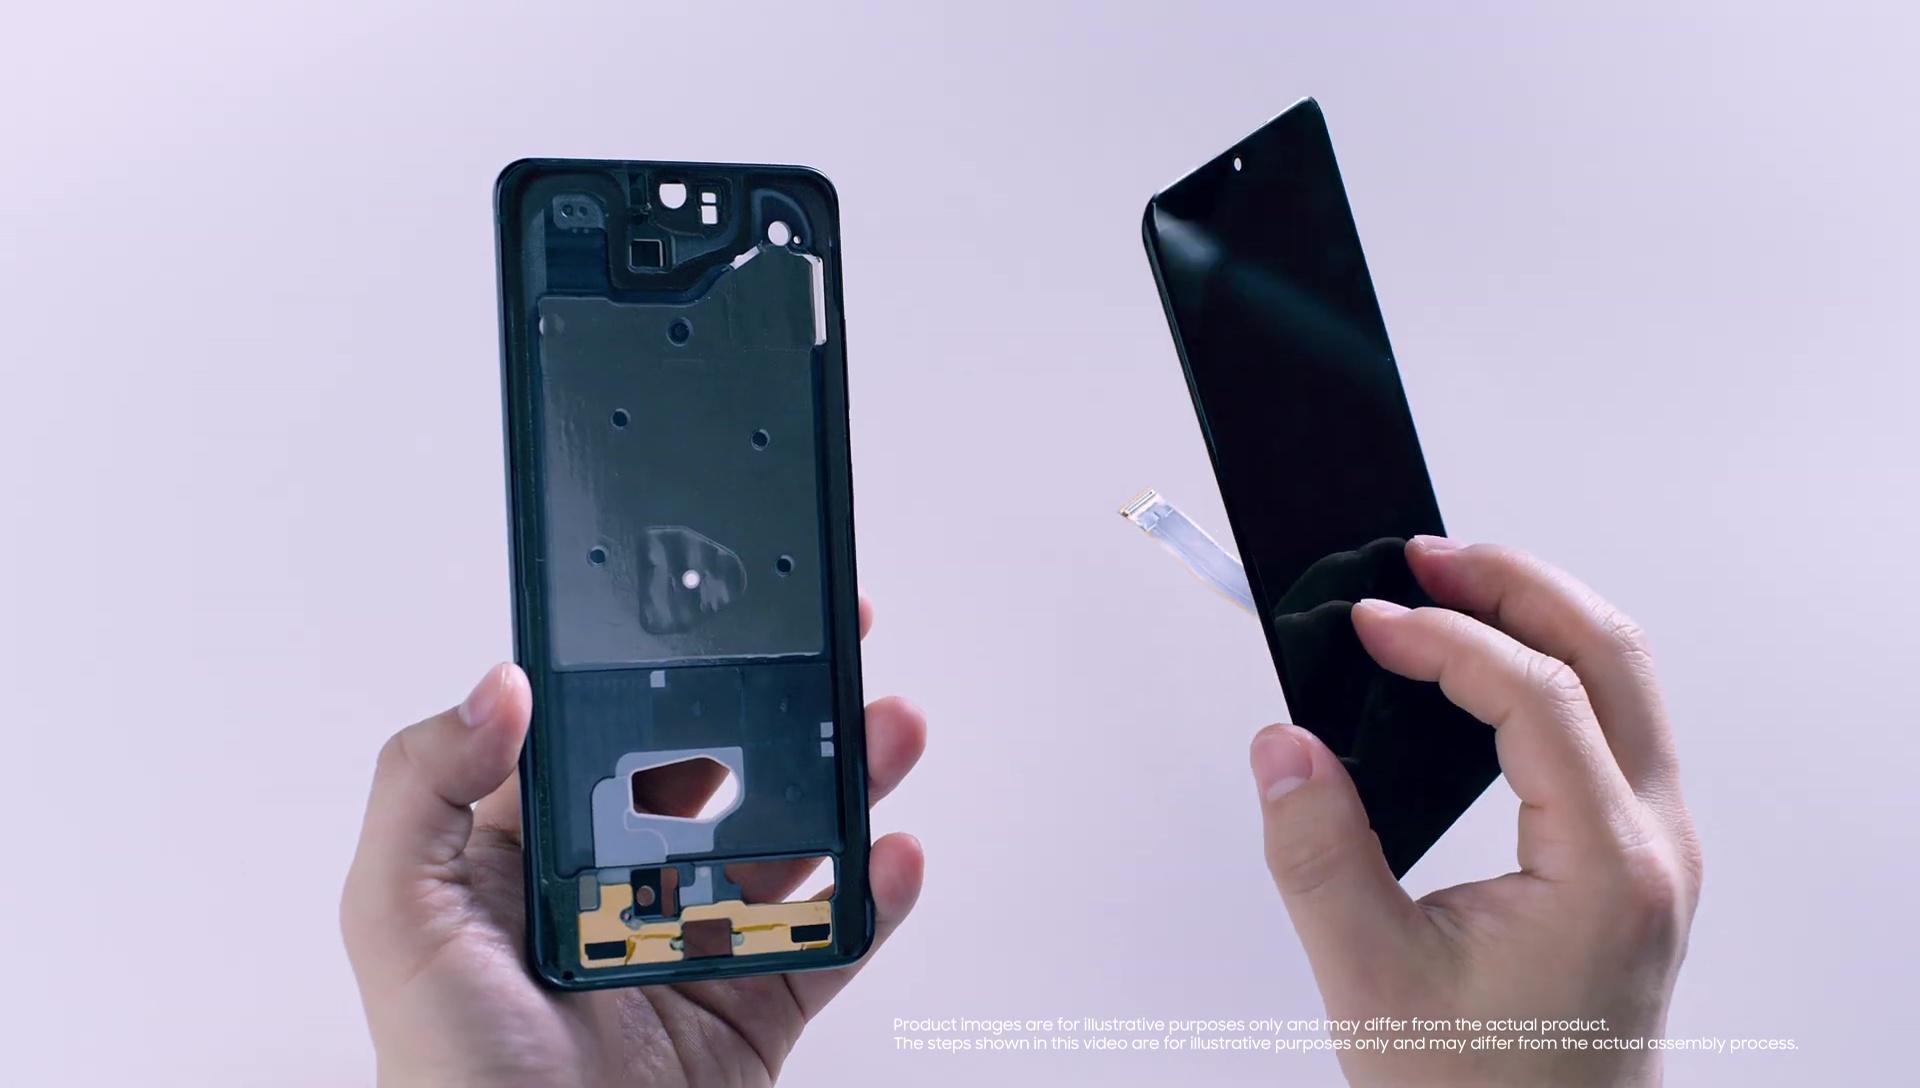 Mổ bụng Galaxy S20 Ultra: Có gì bên trong flagship mới nhất của Samsung? - Ảnh 2.